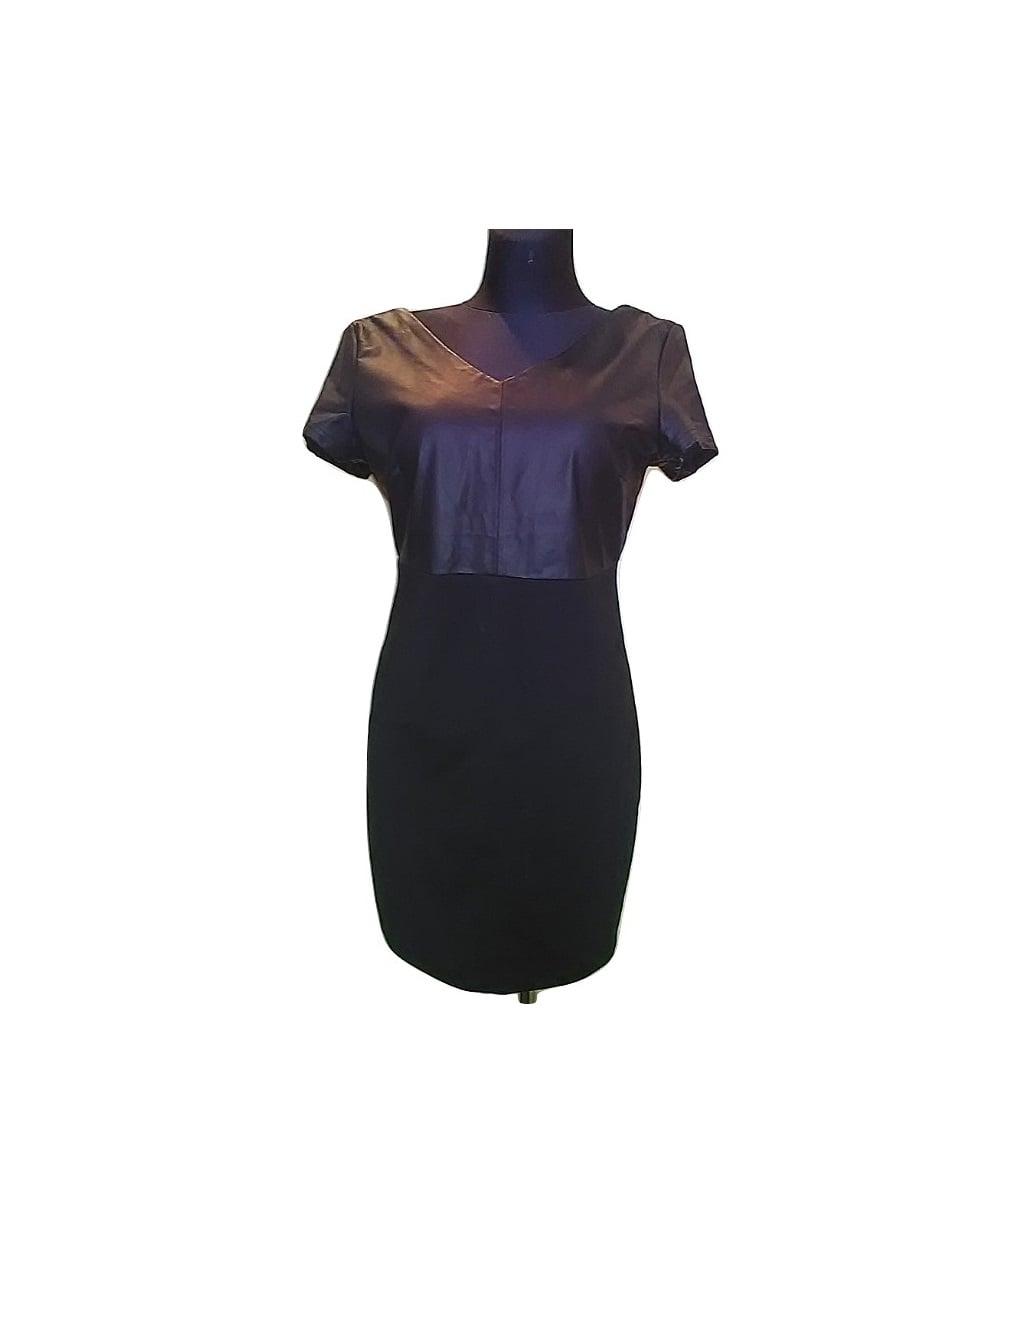 Moteriška juoda klasikinė suknelė trumpomis rankovėmis, SUL RIVER, M dydis